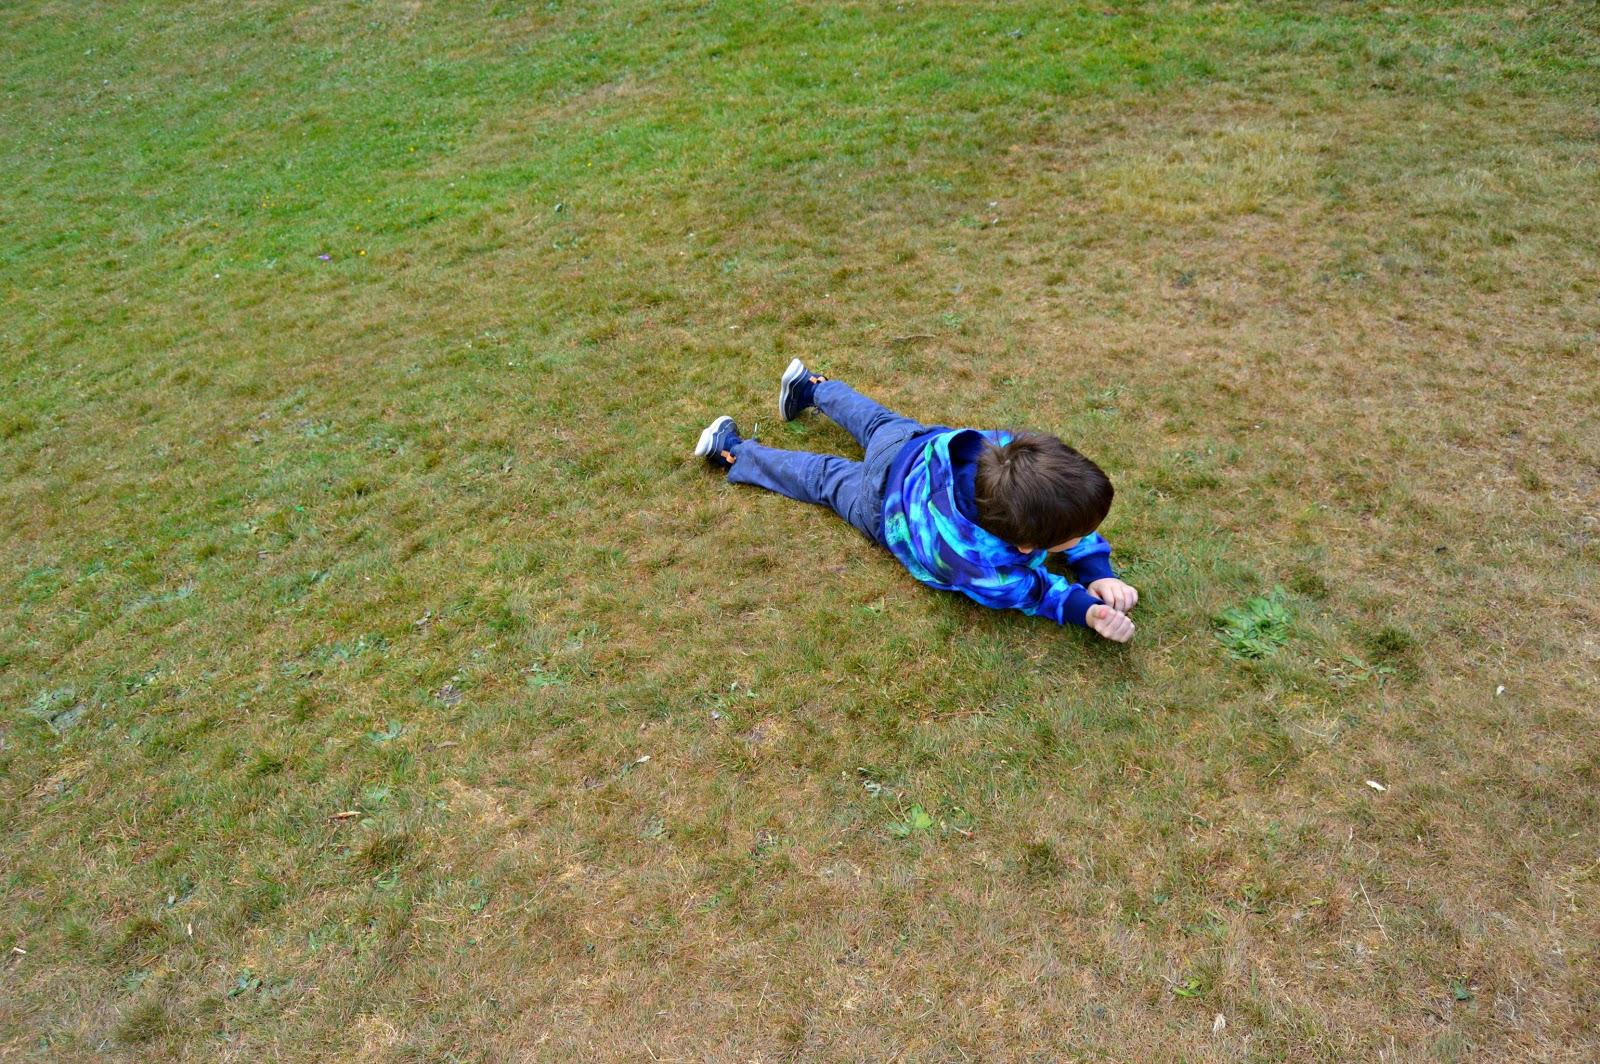 boy rolling down a hill